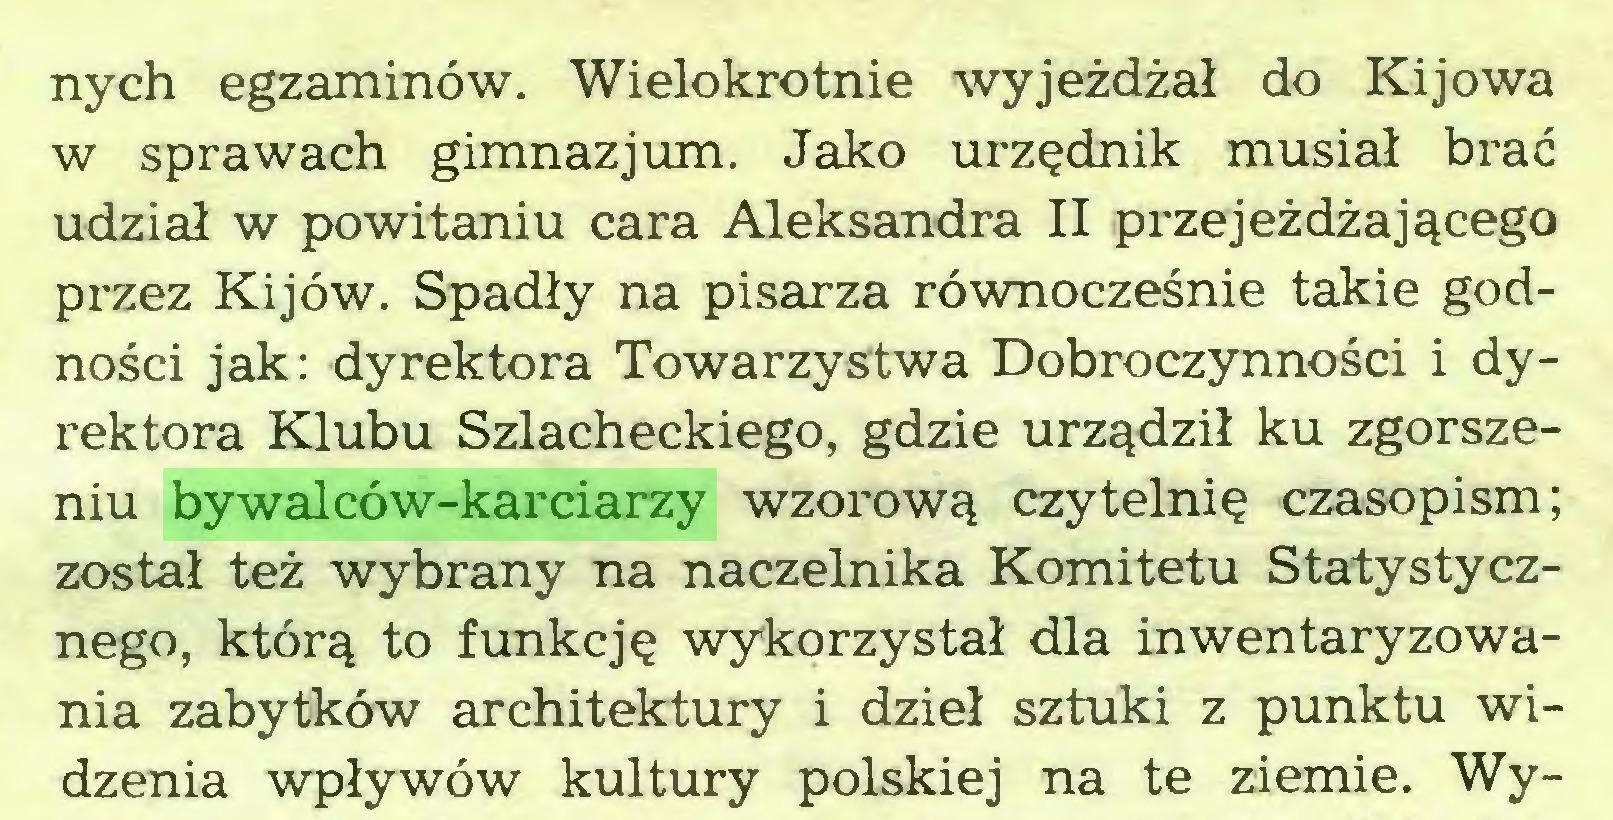 (...) nych egzaminów. Wielokrotnie wyjeżdżał do Kijowa w sprawach gimnazjum. Jako urzędnik musiał brać udział w powitaniu cara Aleksandra II przejeżdżającego przez Kijów. Spadły na pisarza równocześnie takie godności jak: dyrektora Towarzystwa Dobroczynności i dyrektora Klubu Szlacheckiego, gdzie urządził ku zgorszeniu bywalców-karciarzy wzorową czytelnię czasopism; został też wybrany na naczelnika Komitetu Statystycznego, którą to funkcję wykorzystał dla inwentaryzoWania zabytków architektury i dzieł sztuki z punktu widzenia wpływów kultury polskiej na te ziemie. Wy...